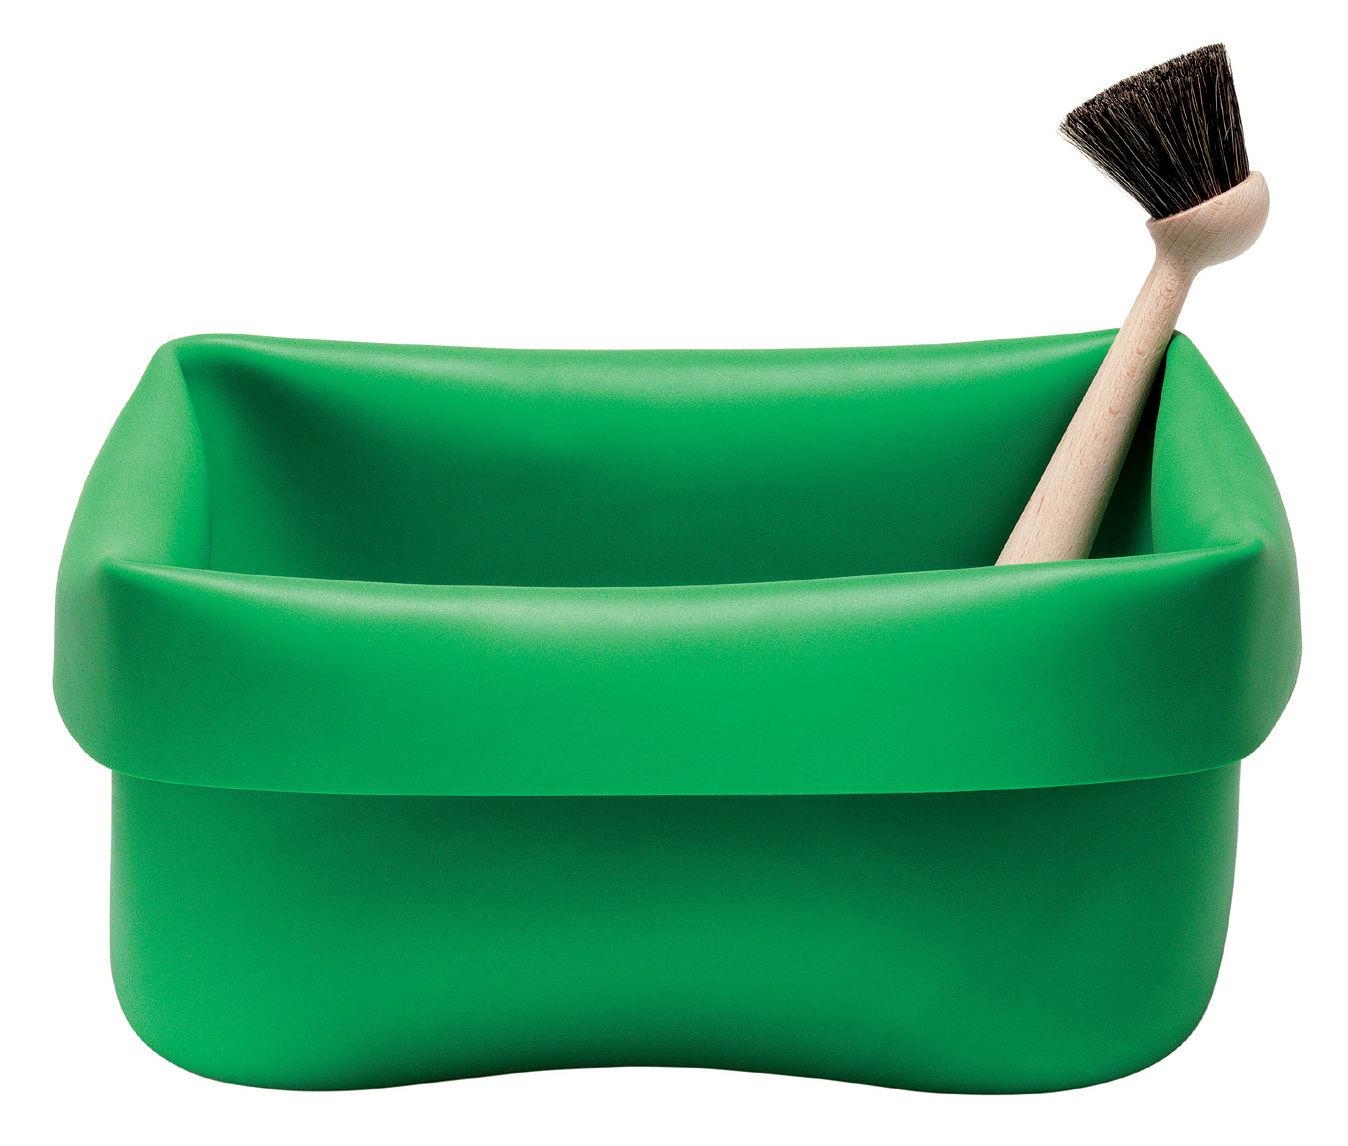 Bassine washing up bowl en caoutchouc avec brosse vert for Bassine caoutchouc